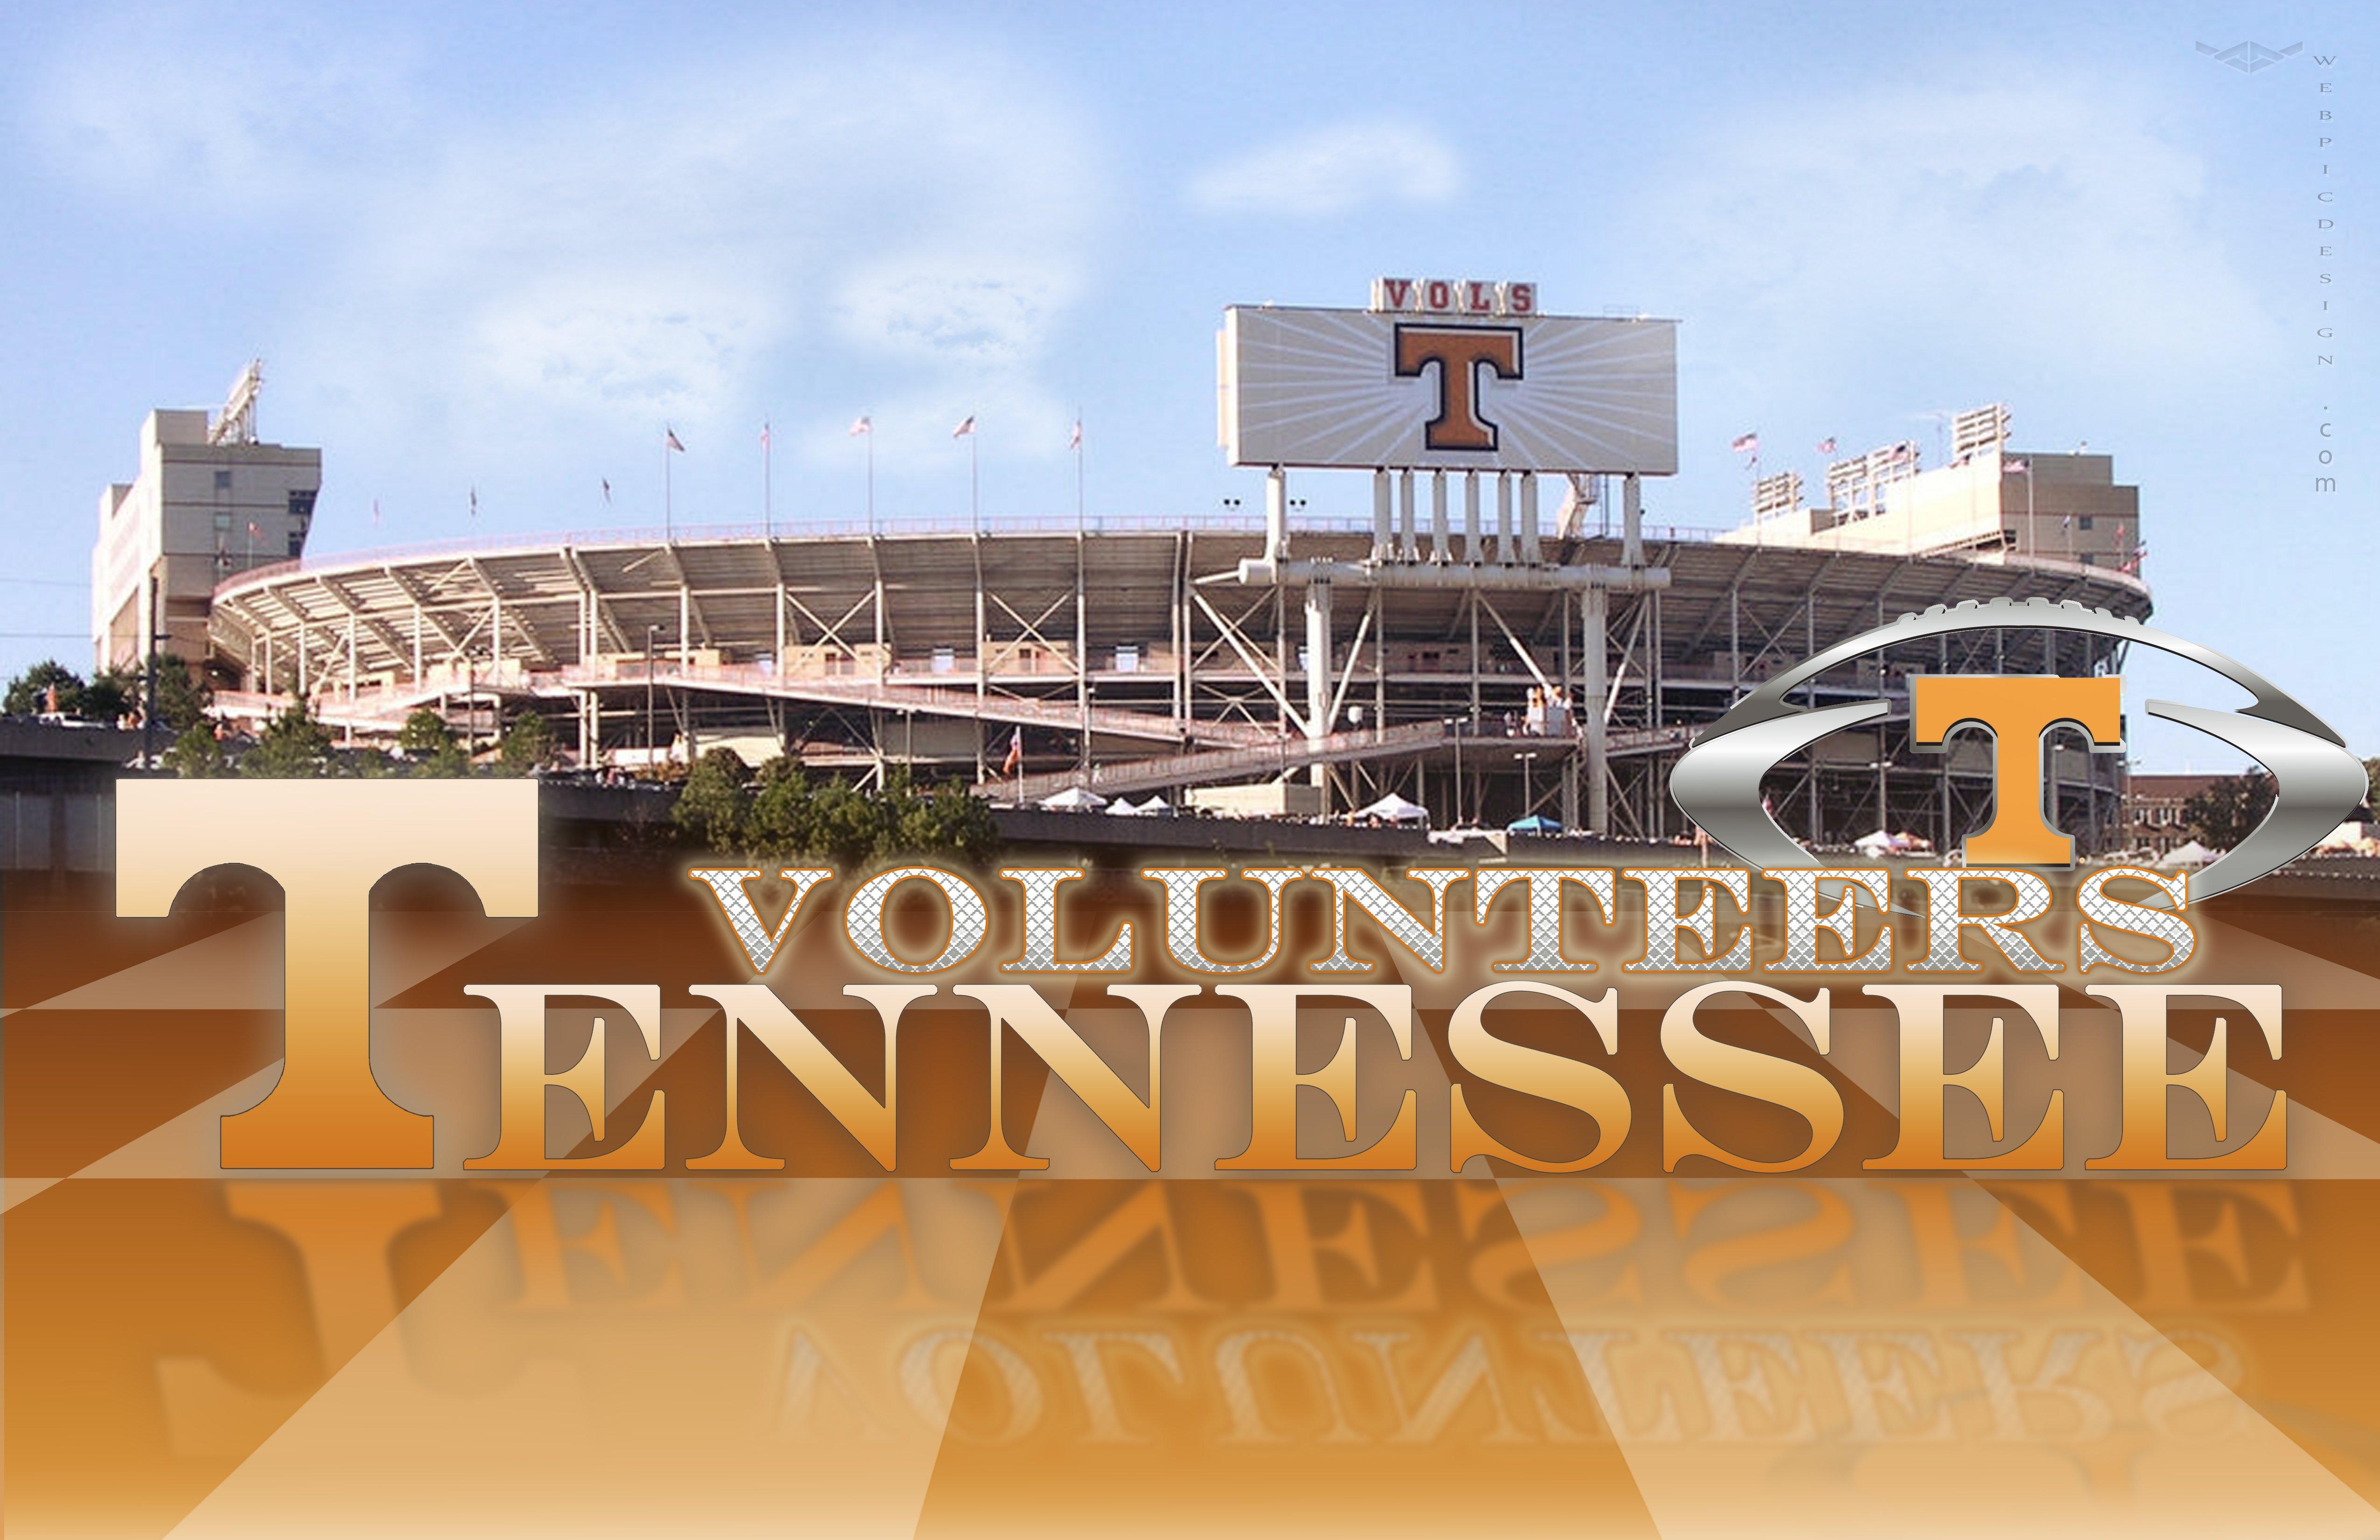 Tennessee volunteers football college wallpaper - Tennessee vols computer wallpaper ...